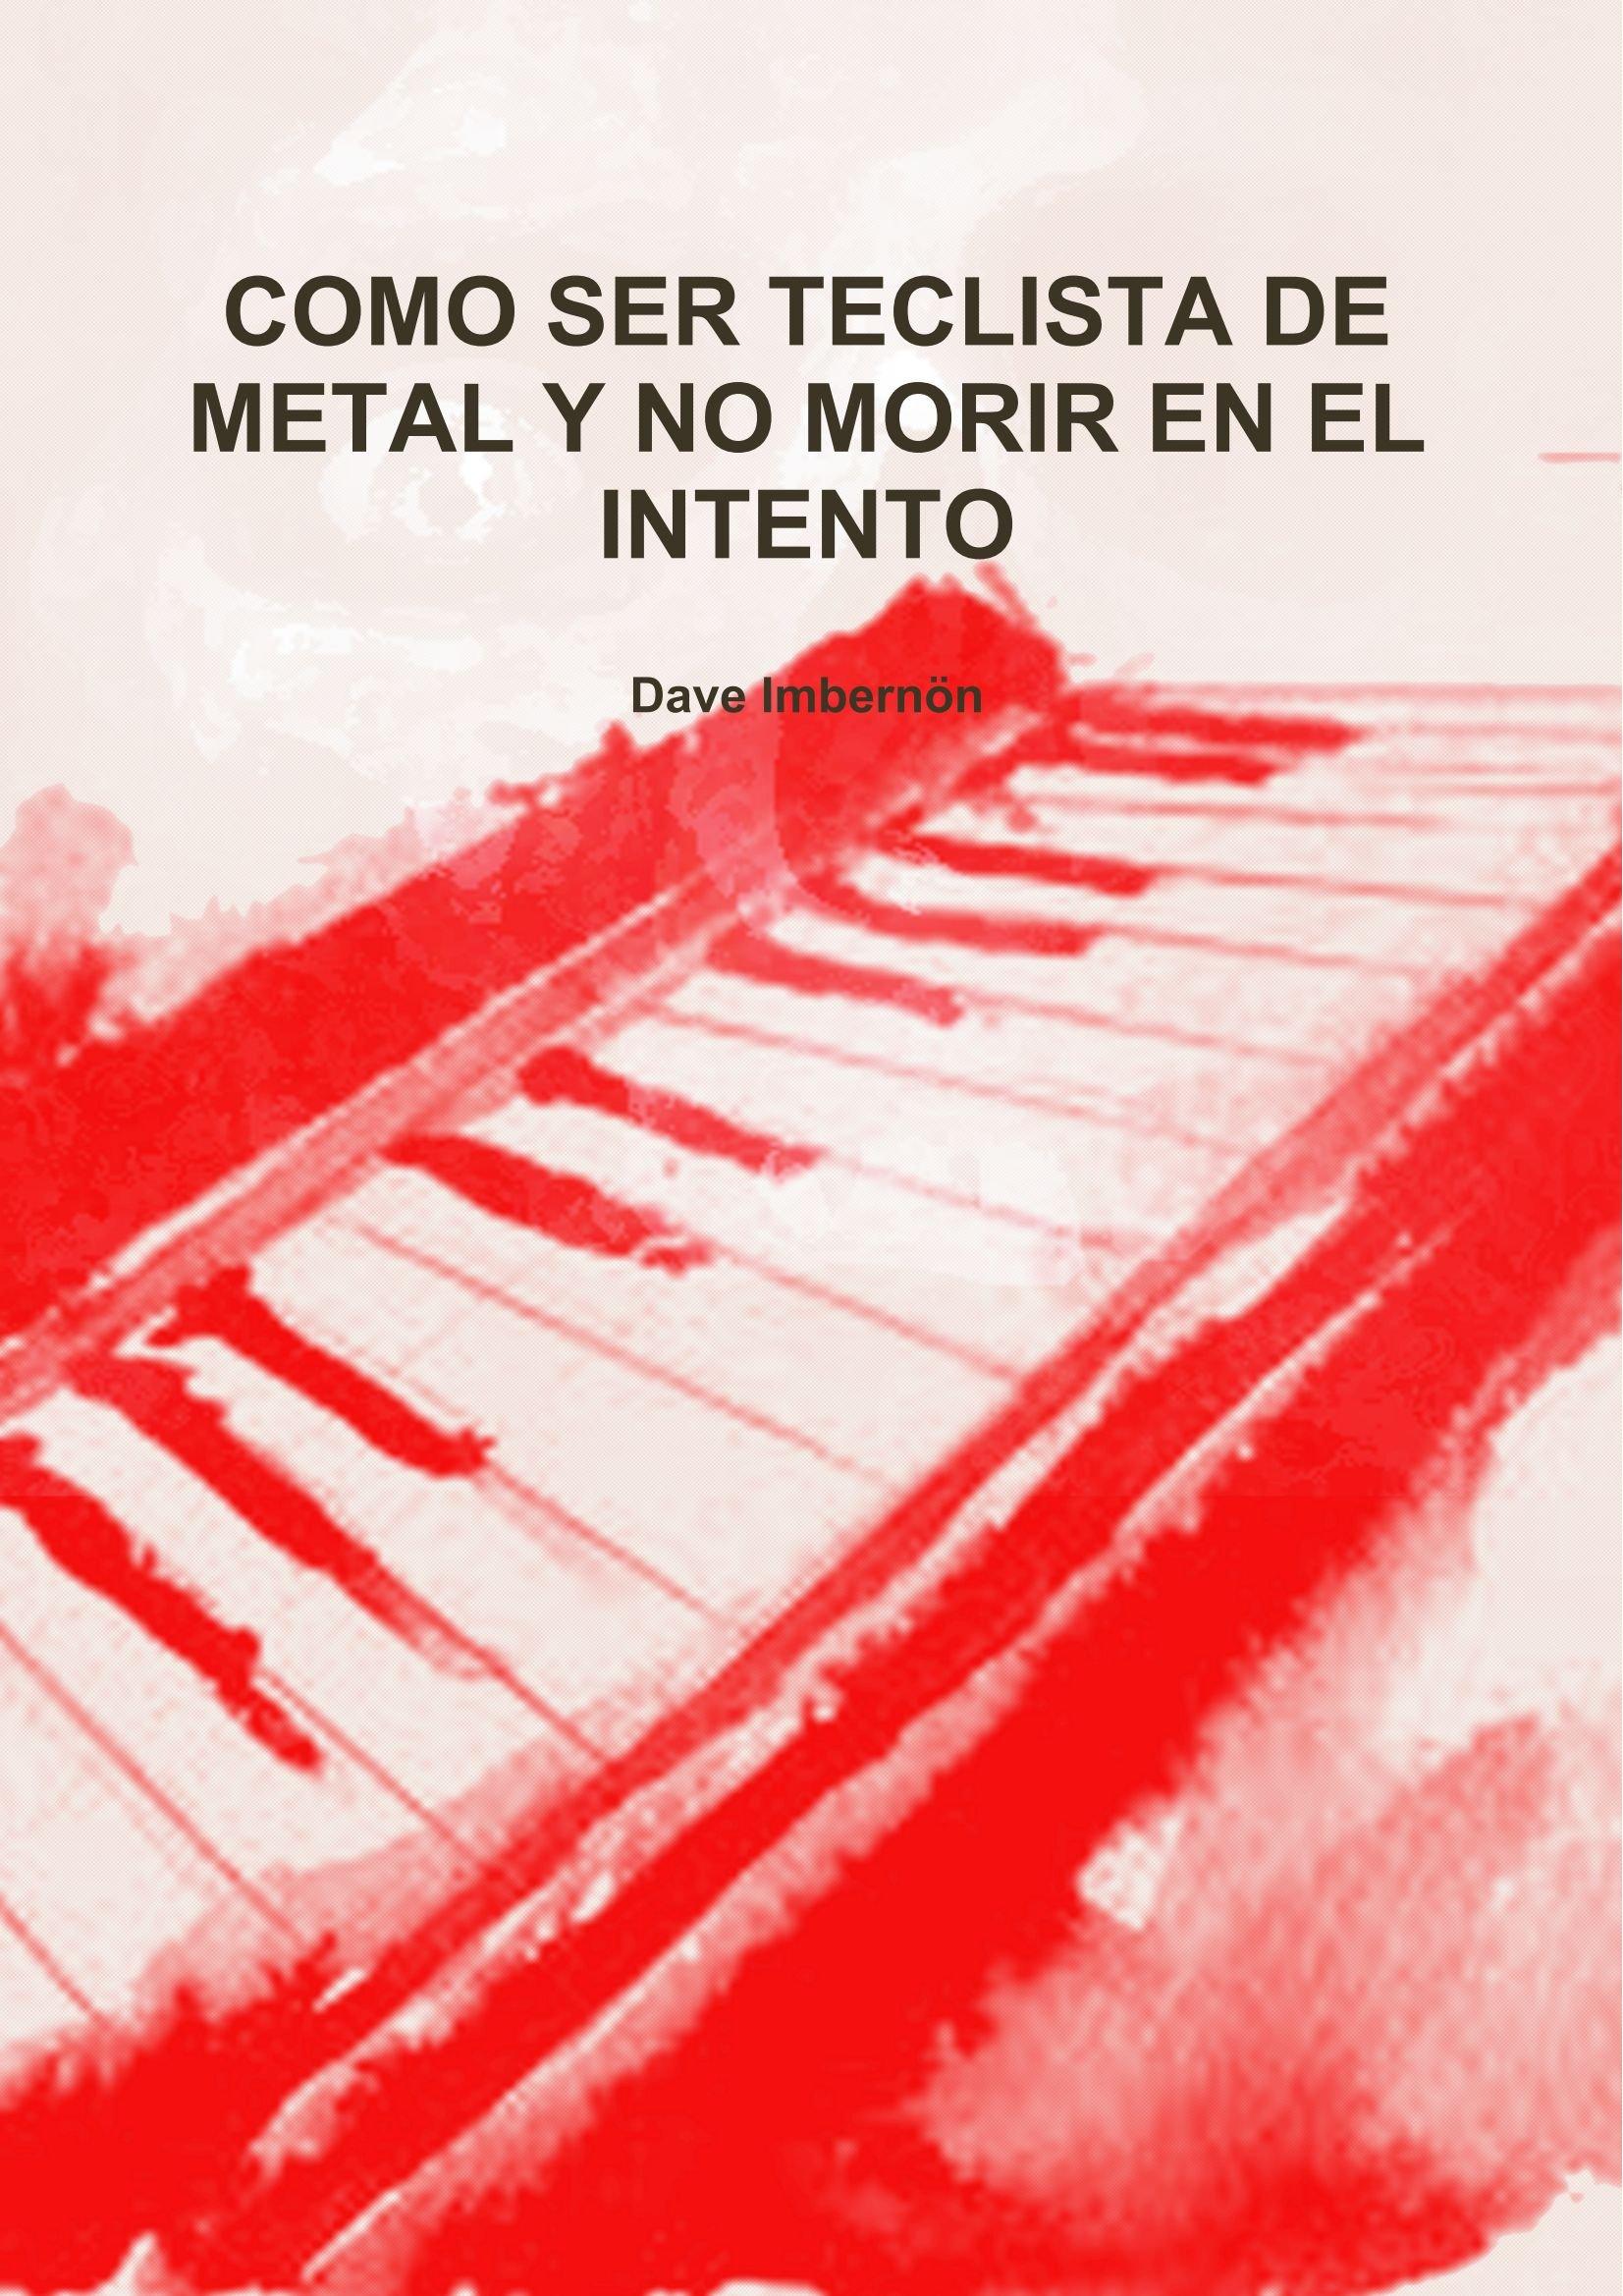 COMO SER TECLISTA DE METAL Y NO MORIR EN EL INTENTO (Spanish Edition) (Spanish) Paperback – December 10, 2010